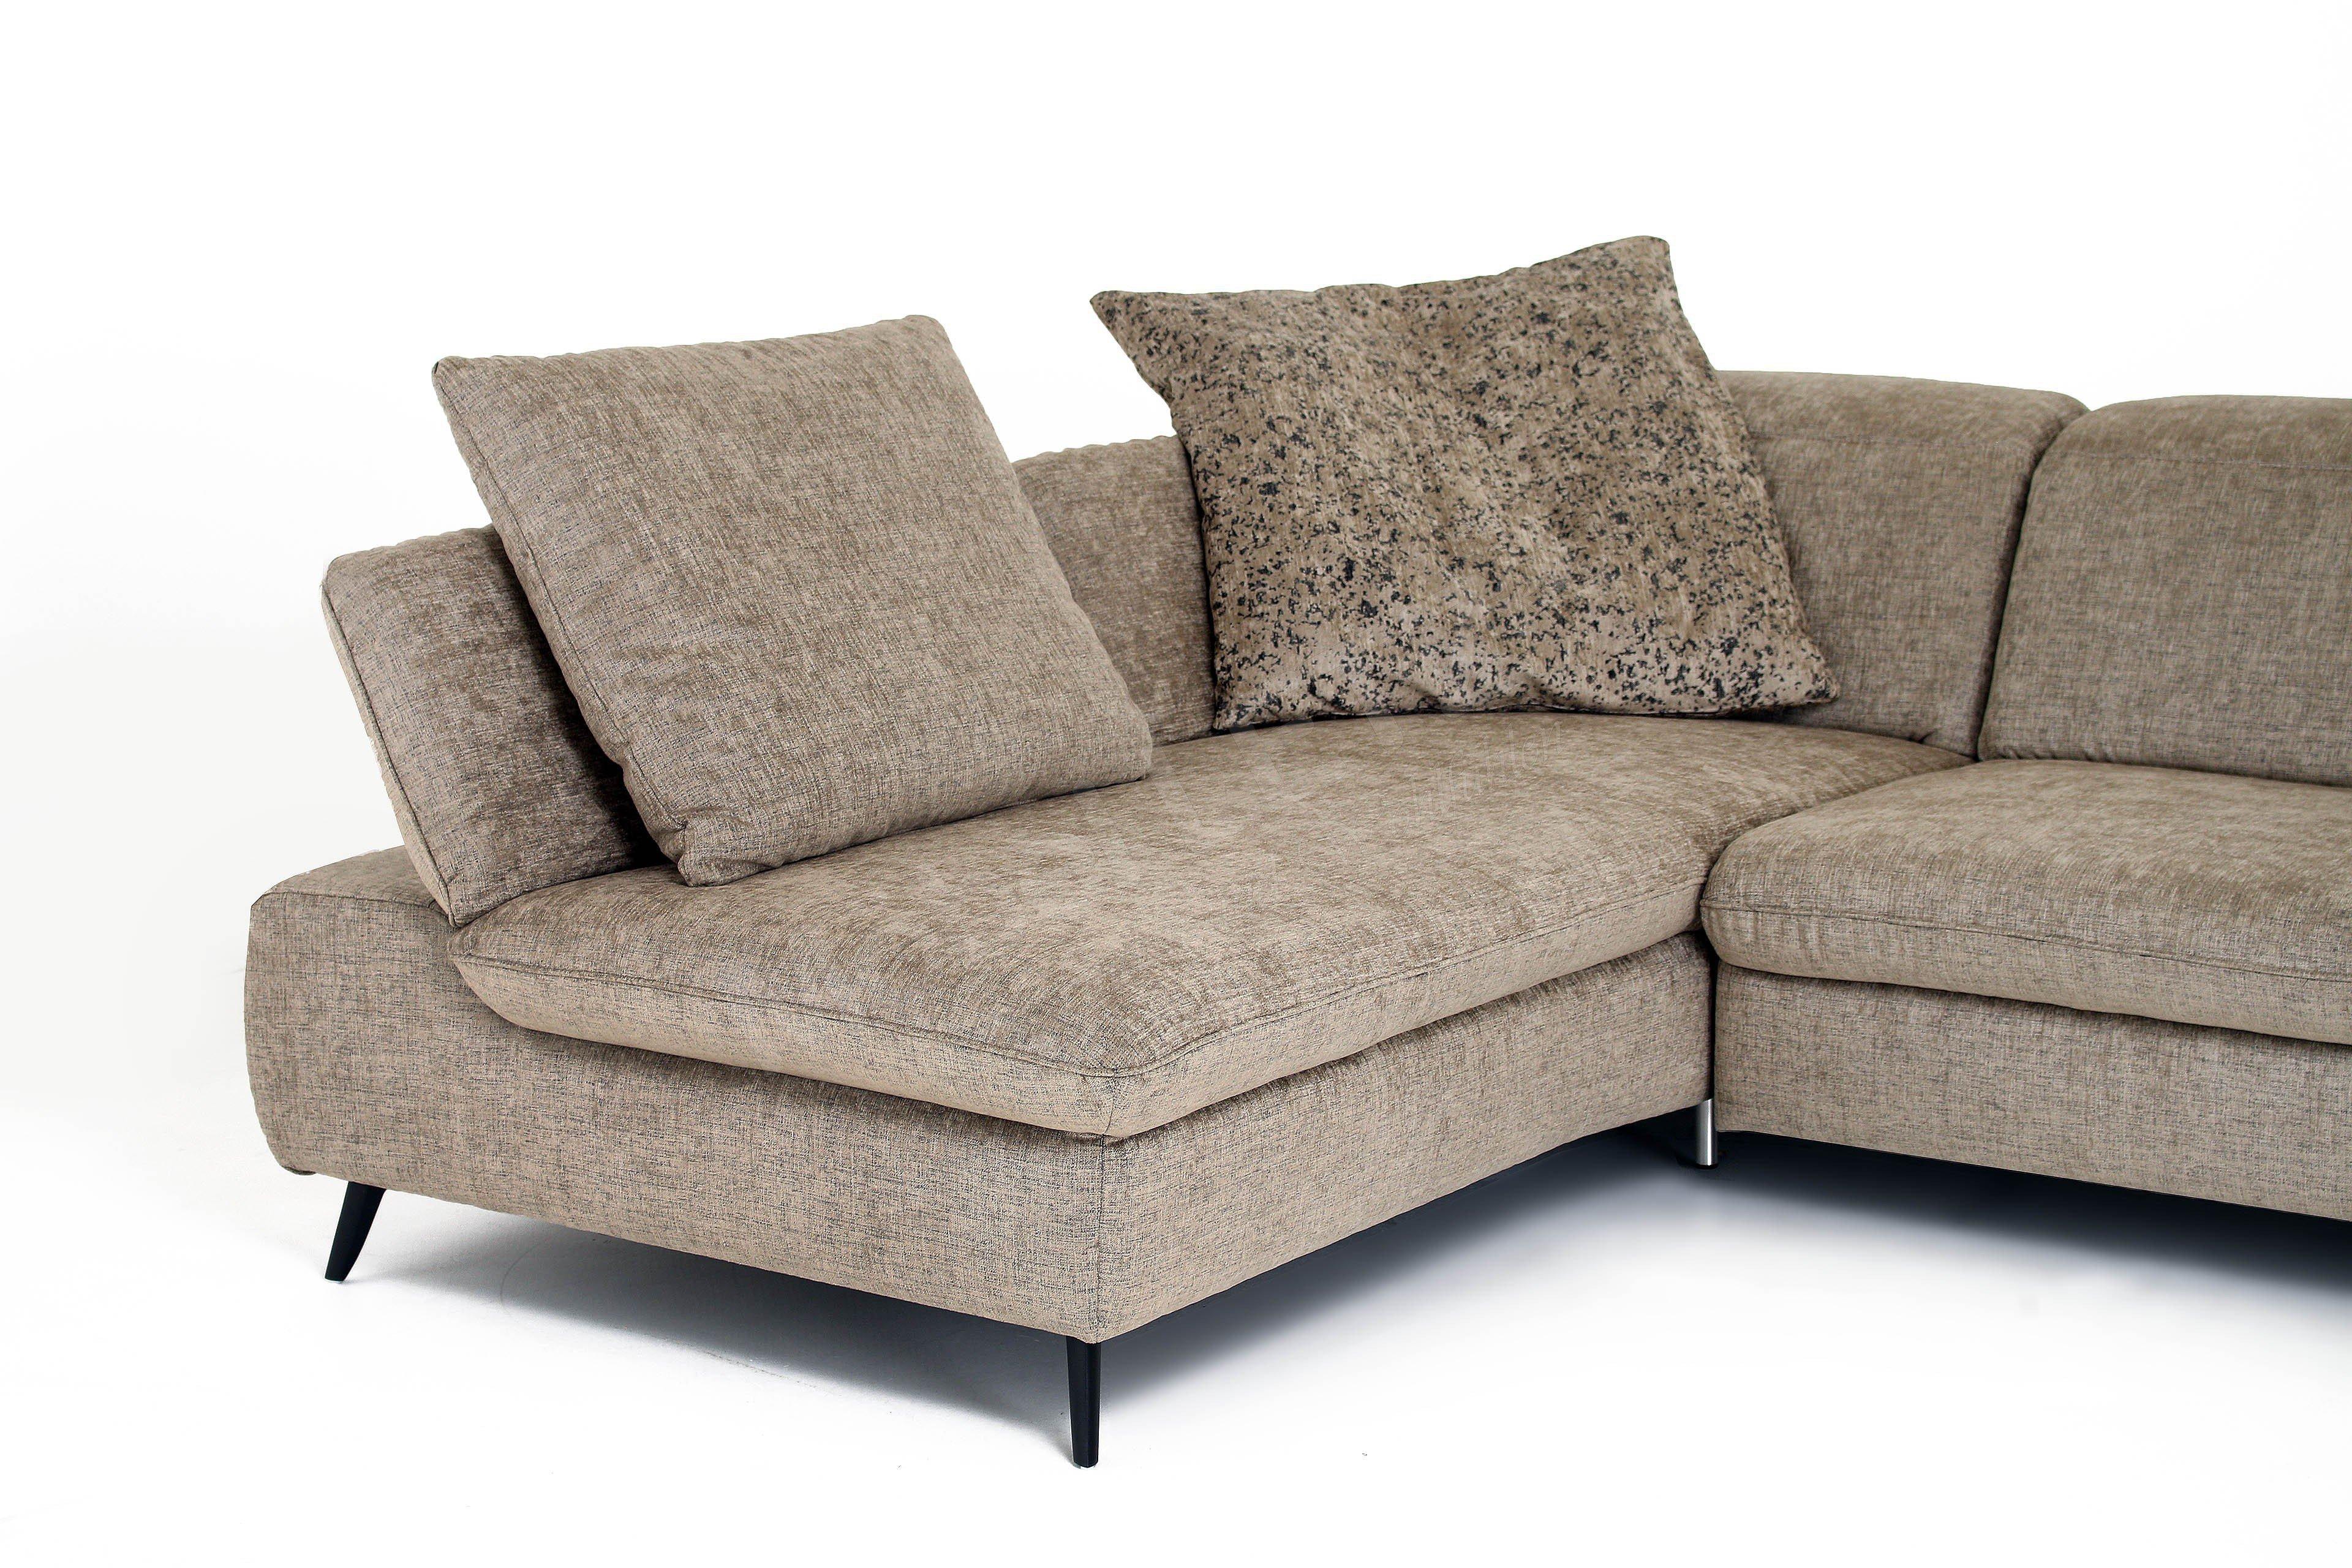 k w polsterm bel foxx eckcouch sand m bel letz ihr online shop. Black Bedroom Furniture Sets. Home Design Ideas